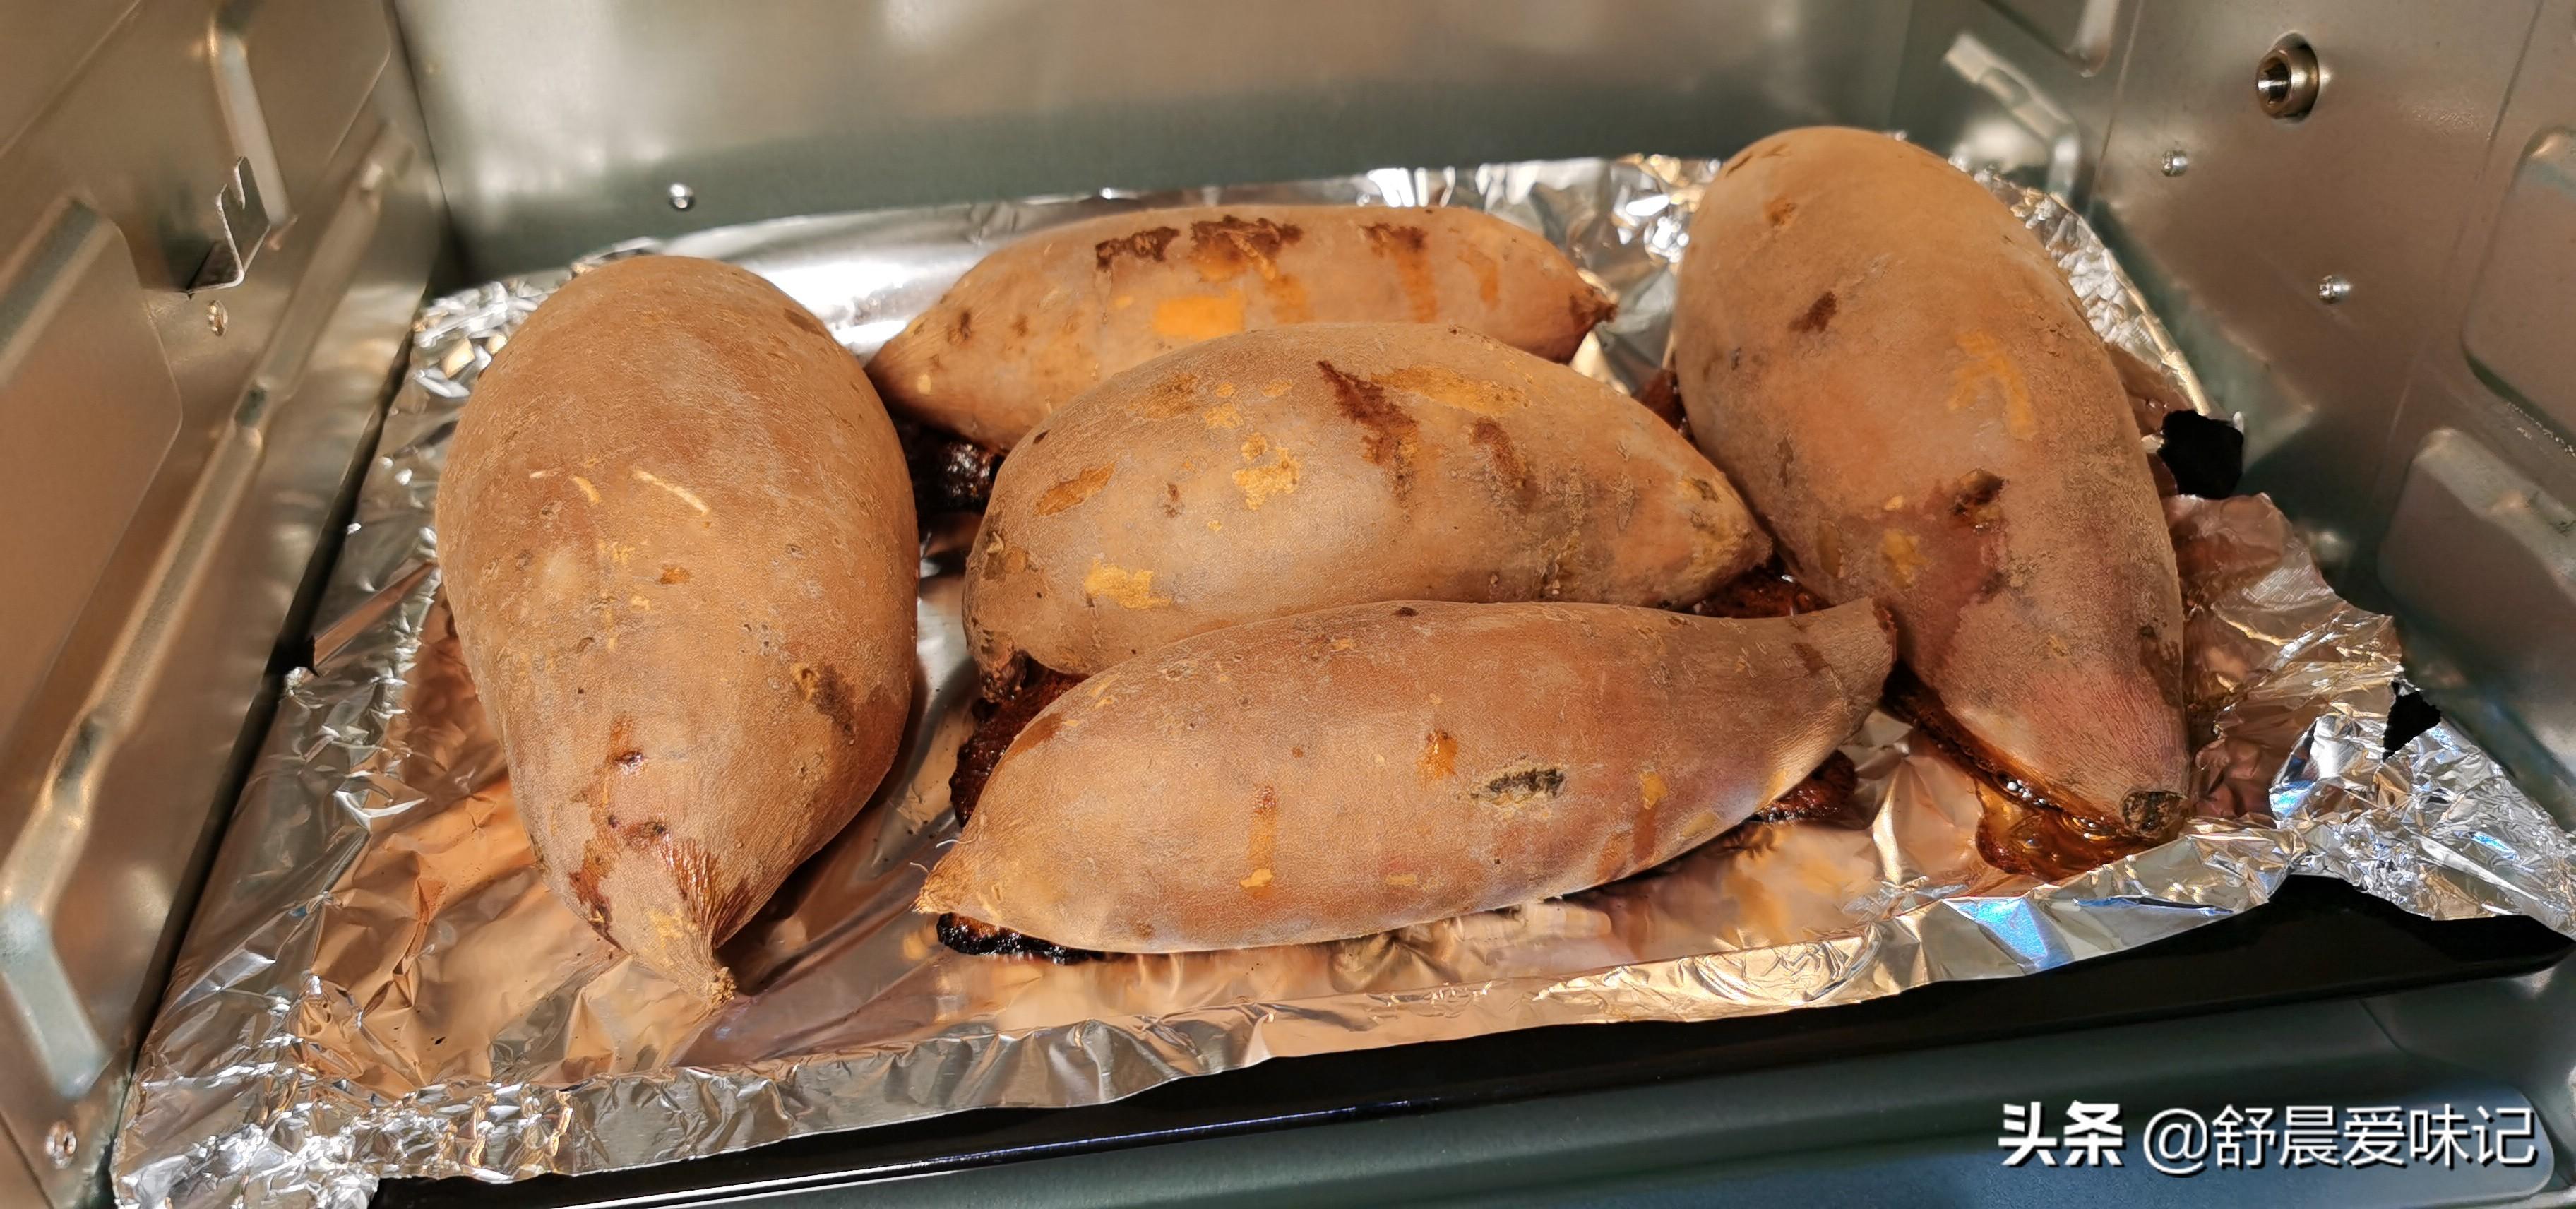 电烤箱烤红薯多长时间(家用电烤箱烤红薯怎么烤)